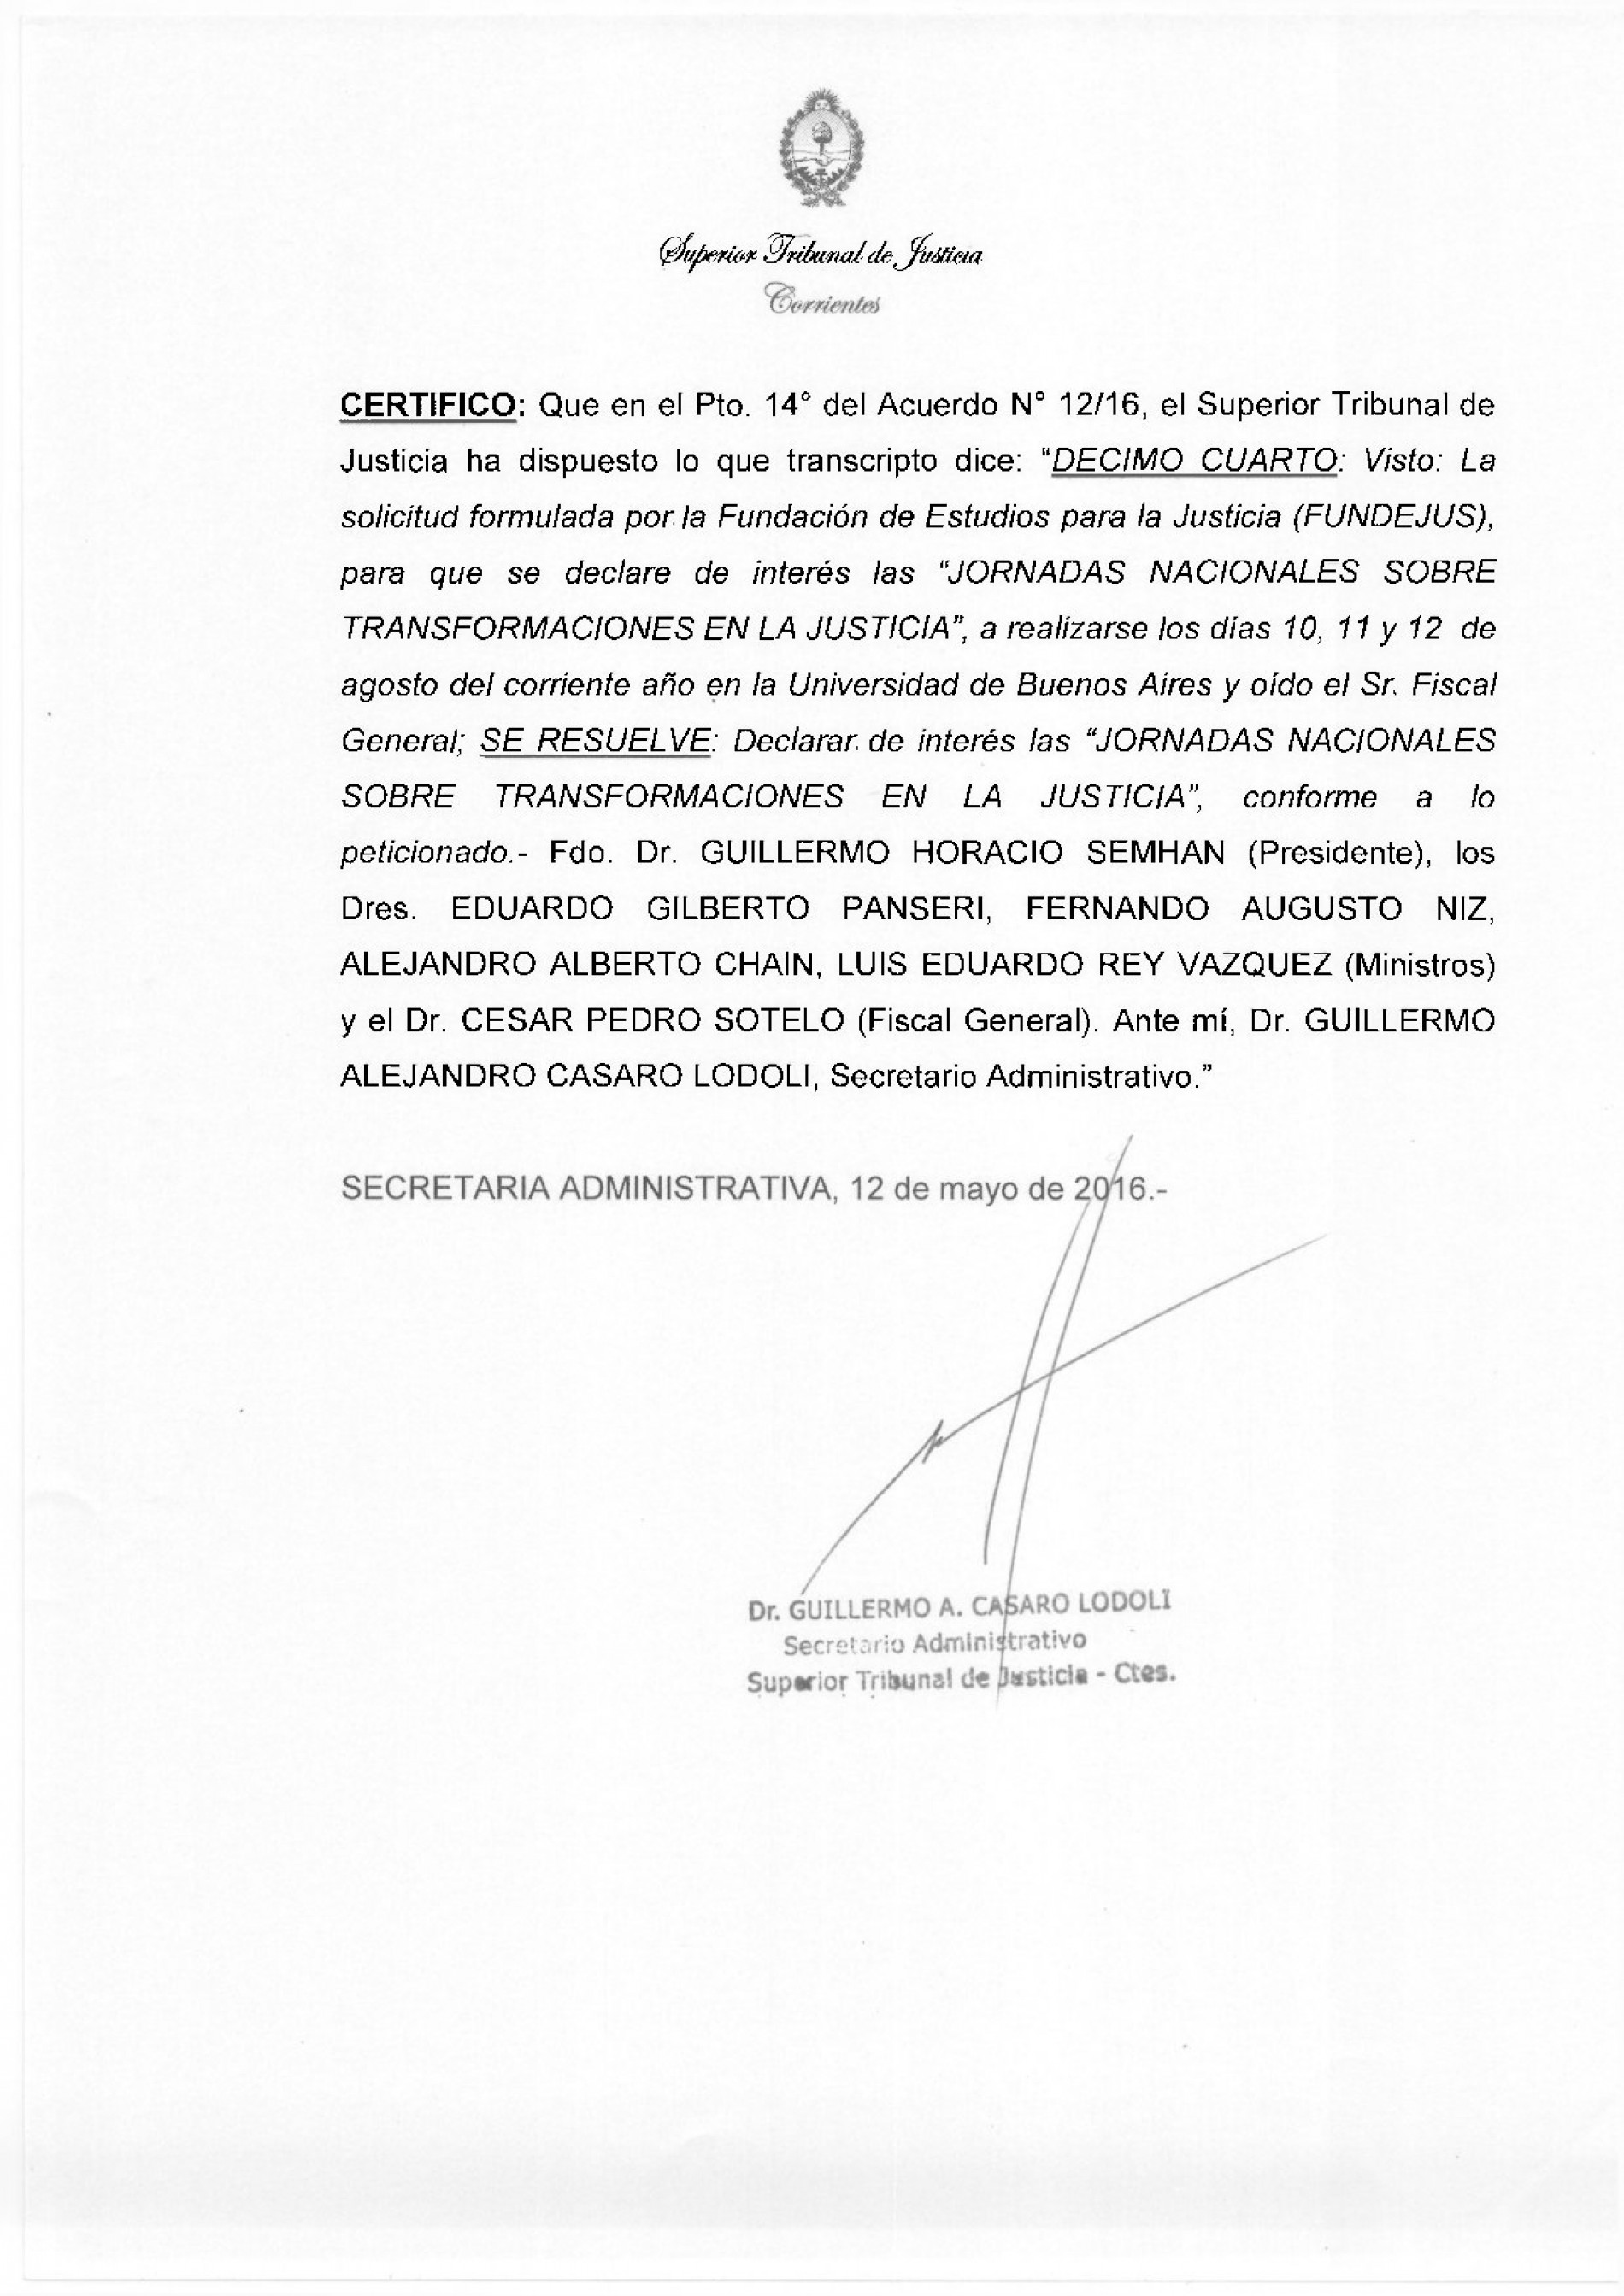 Superior Tribunal de Justicia de Corrientes- Declara de interés las Jornadas Nacionales sobre Transformaciones en la Justicia